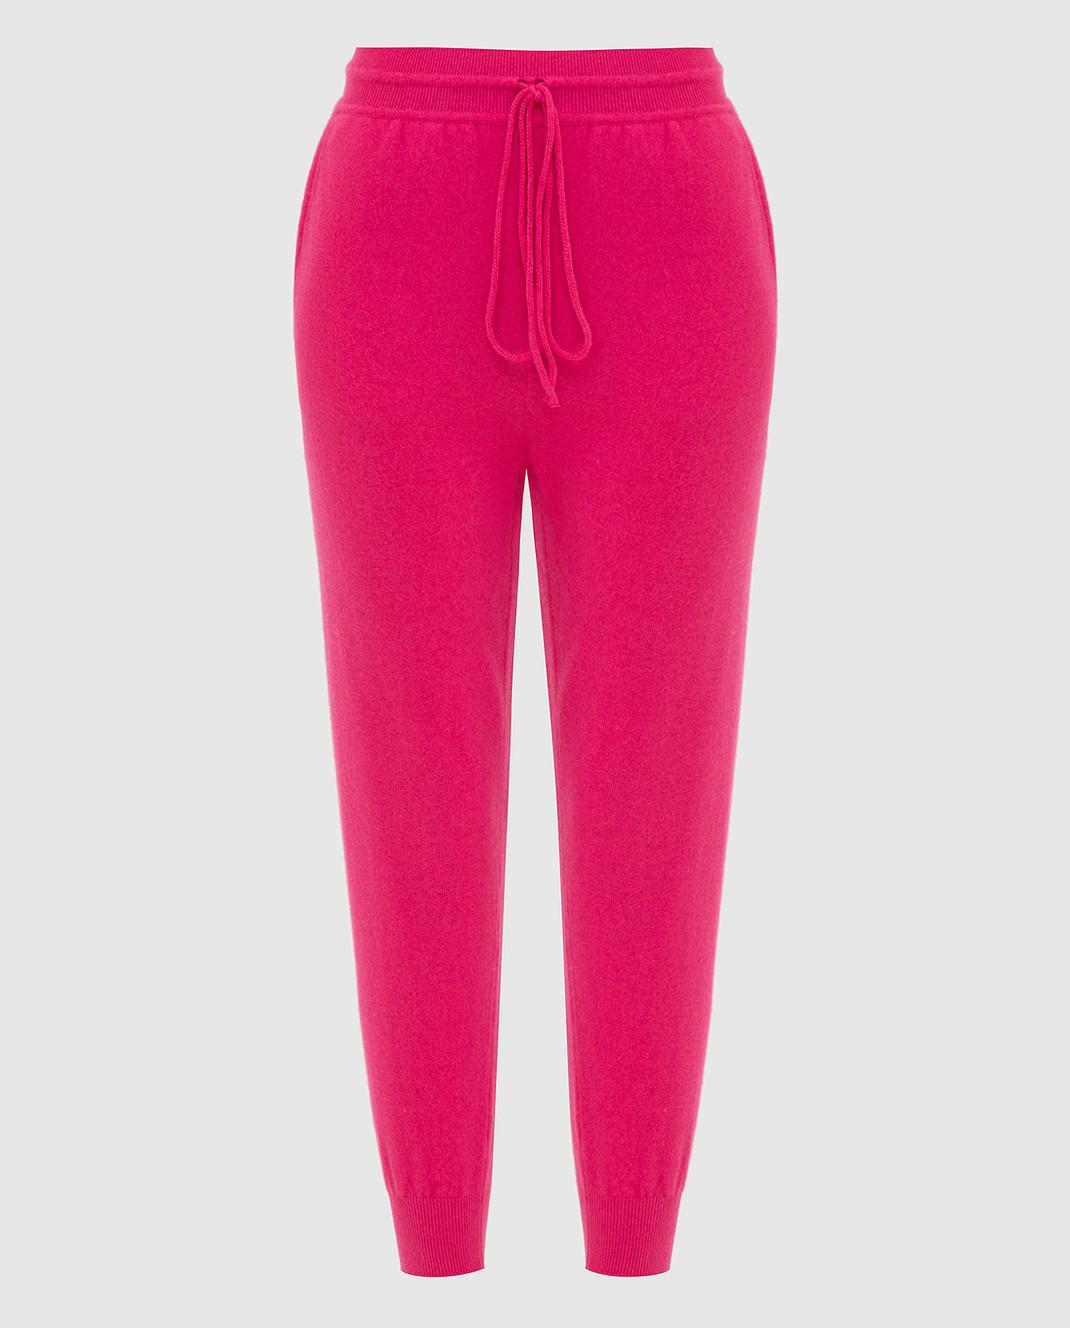 Tak.Ori Малиновые спортивные брюки изображение 1